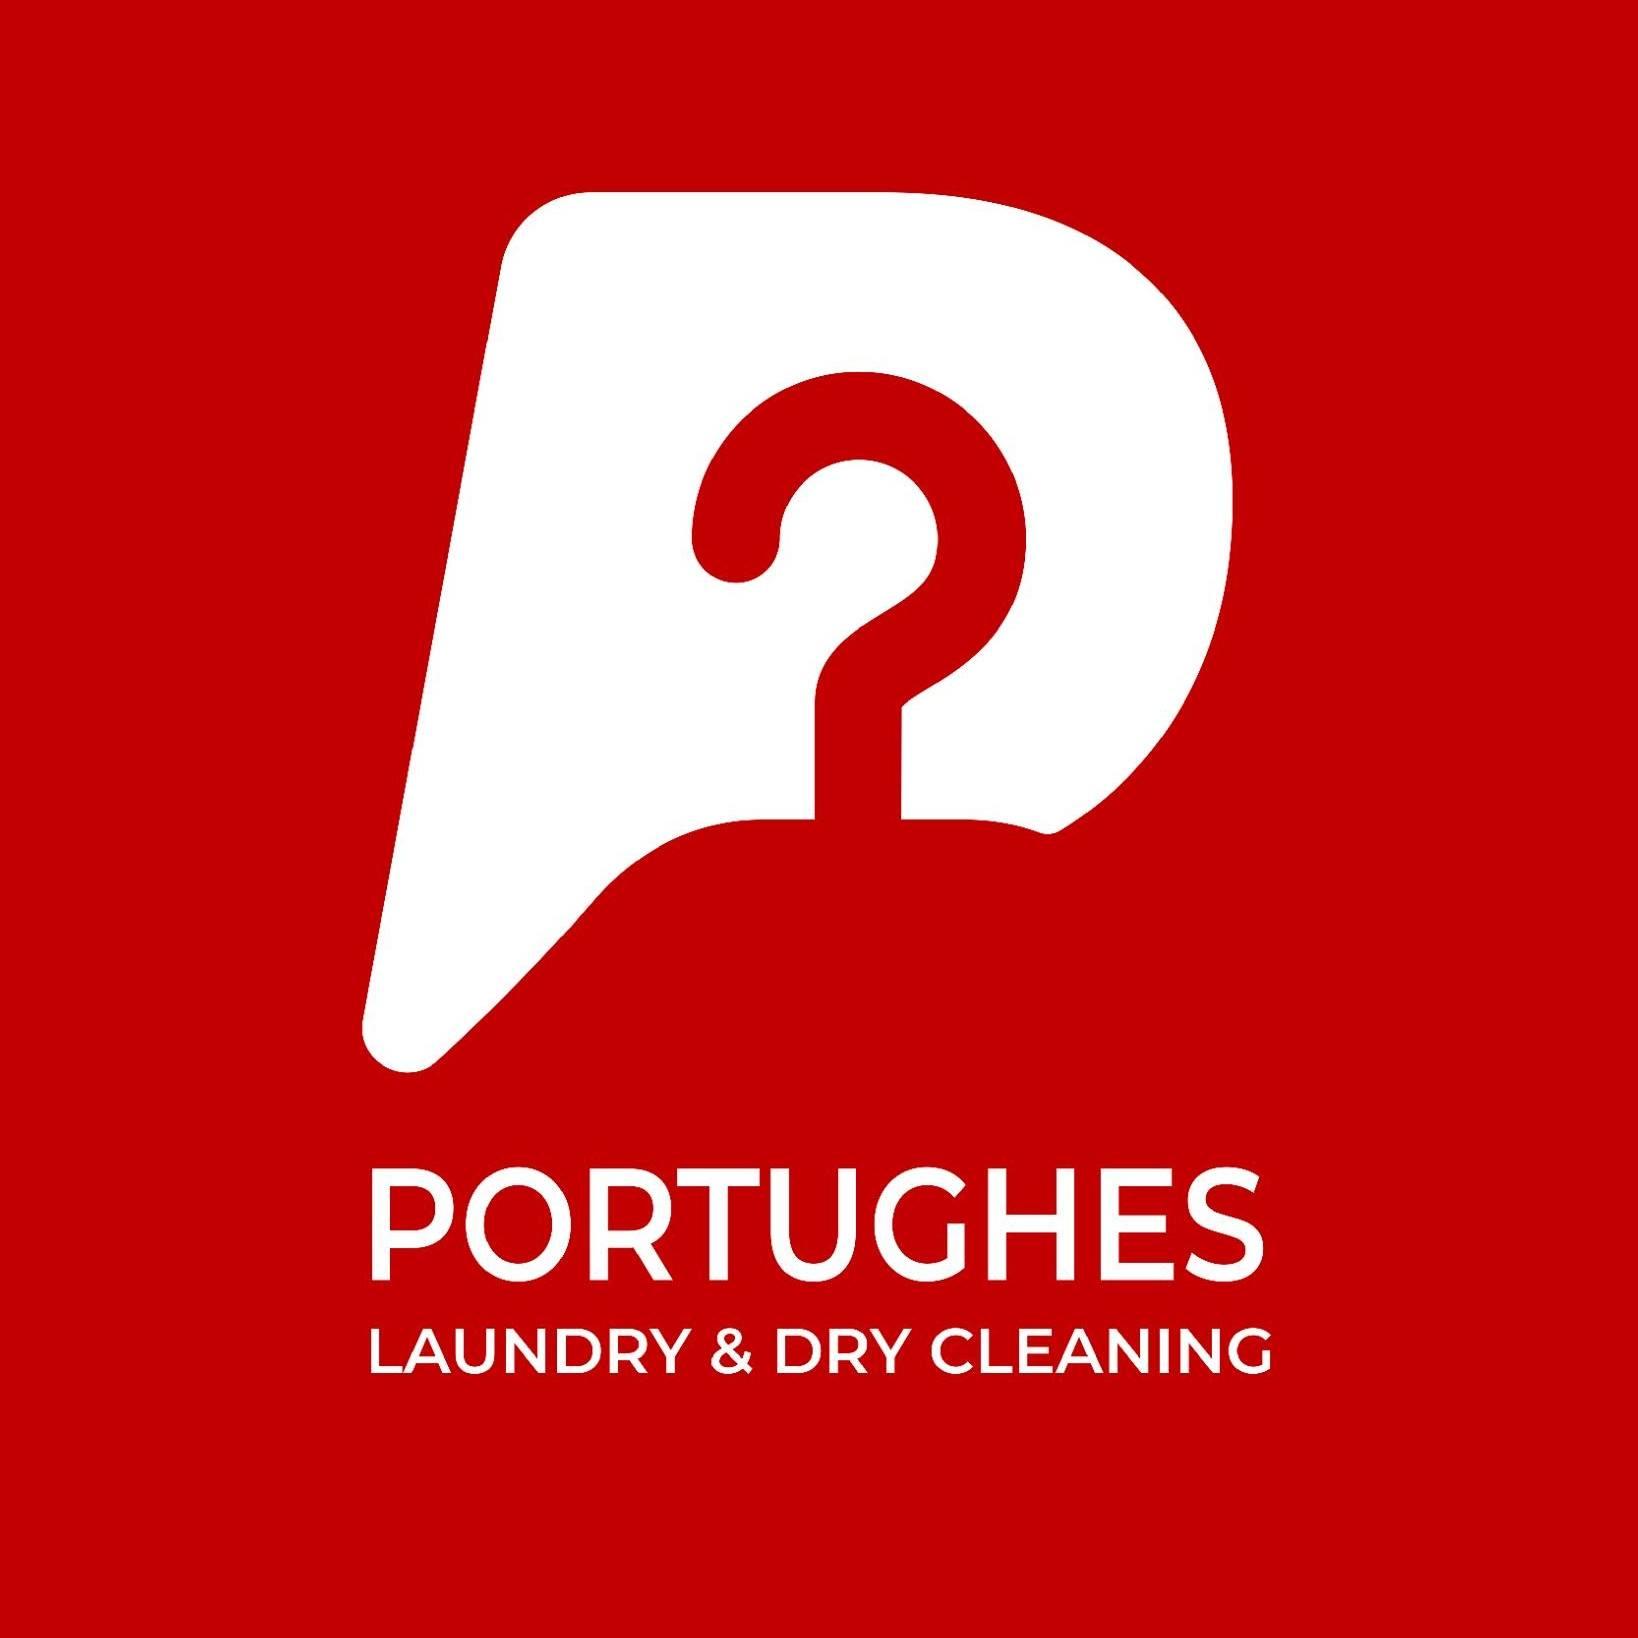 Portughes